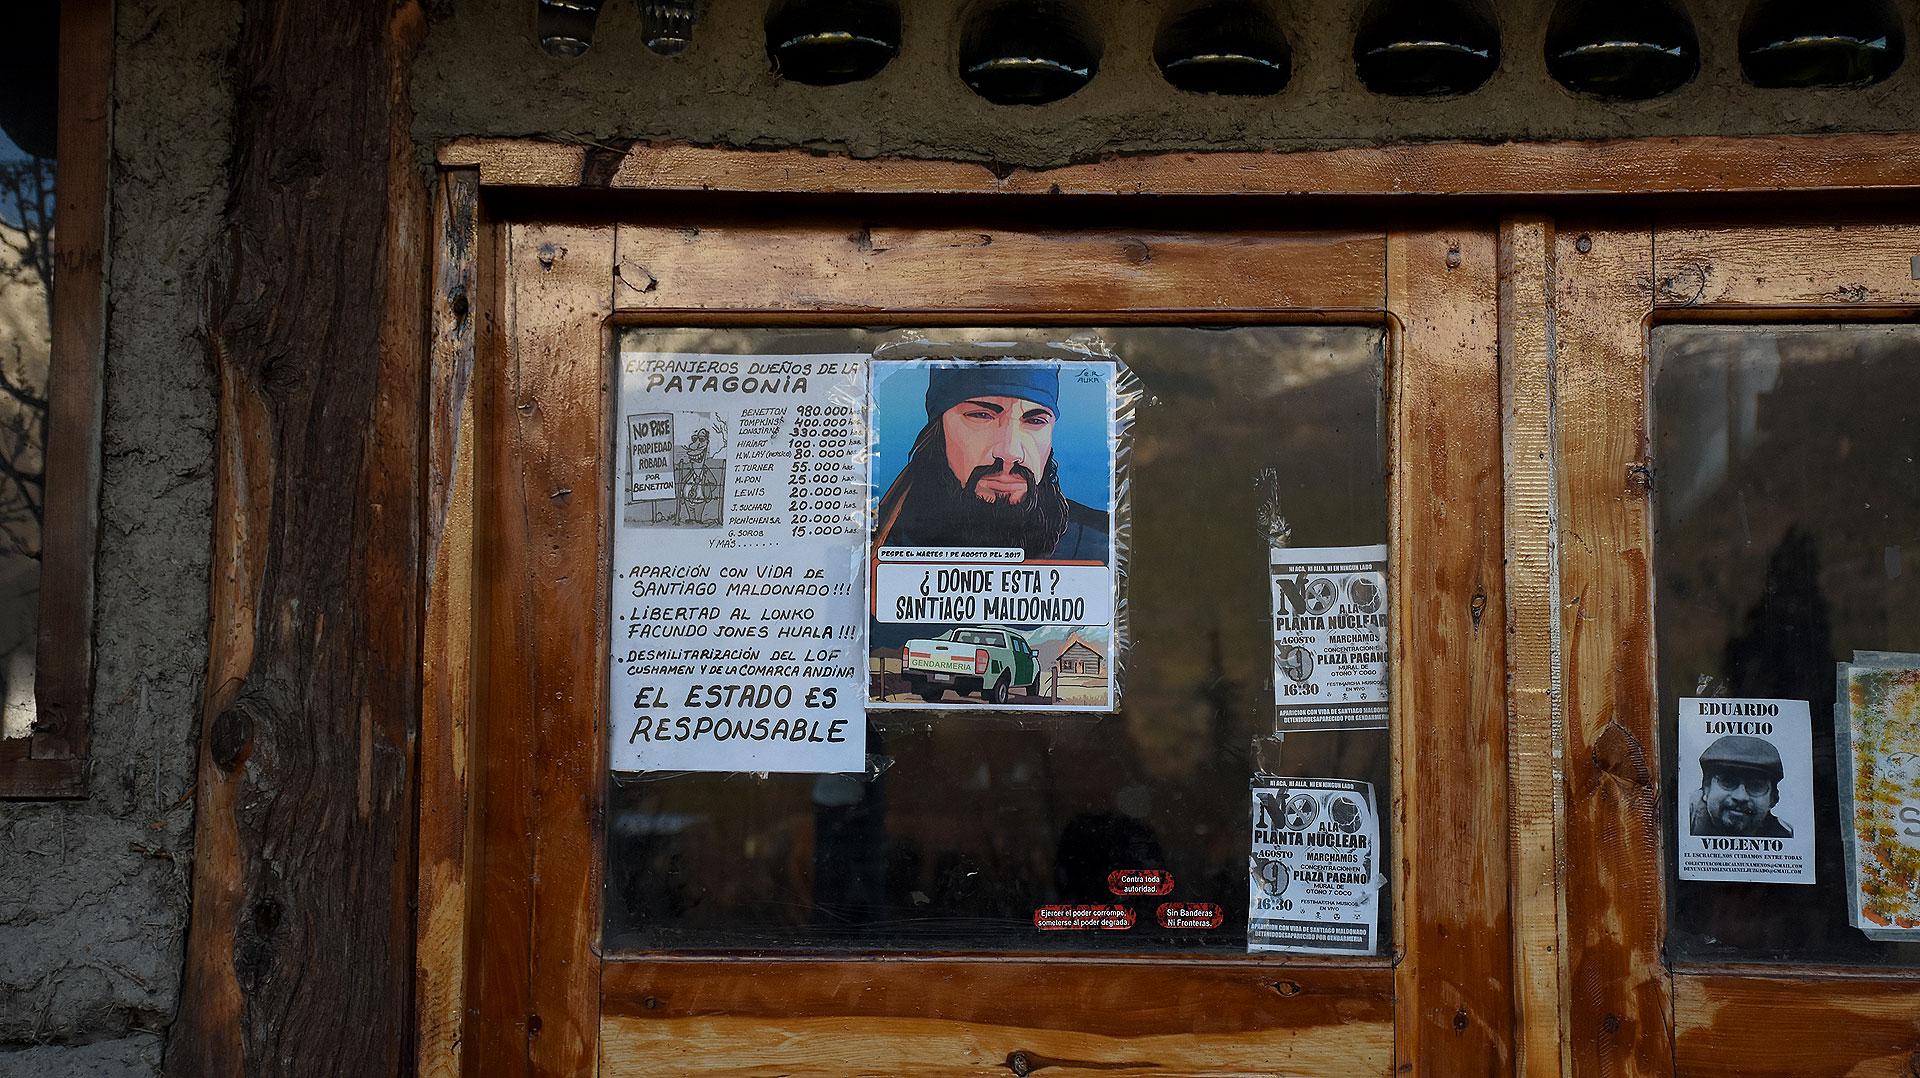 Puerta de la biblioteca donde vivía Santiago antes de desaparecer (Nicolás Stulberg)